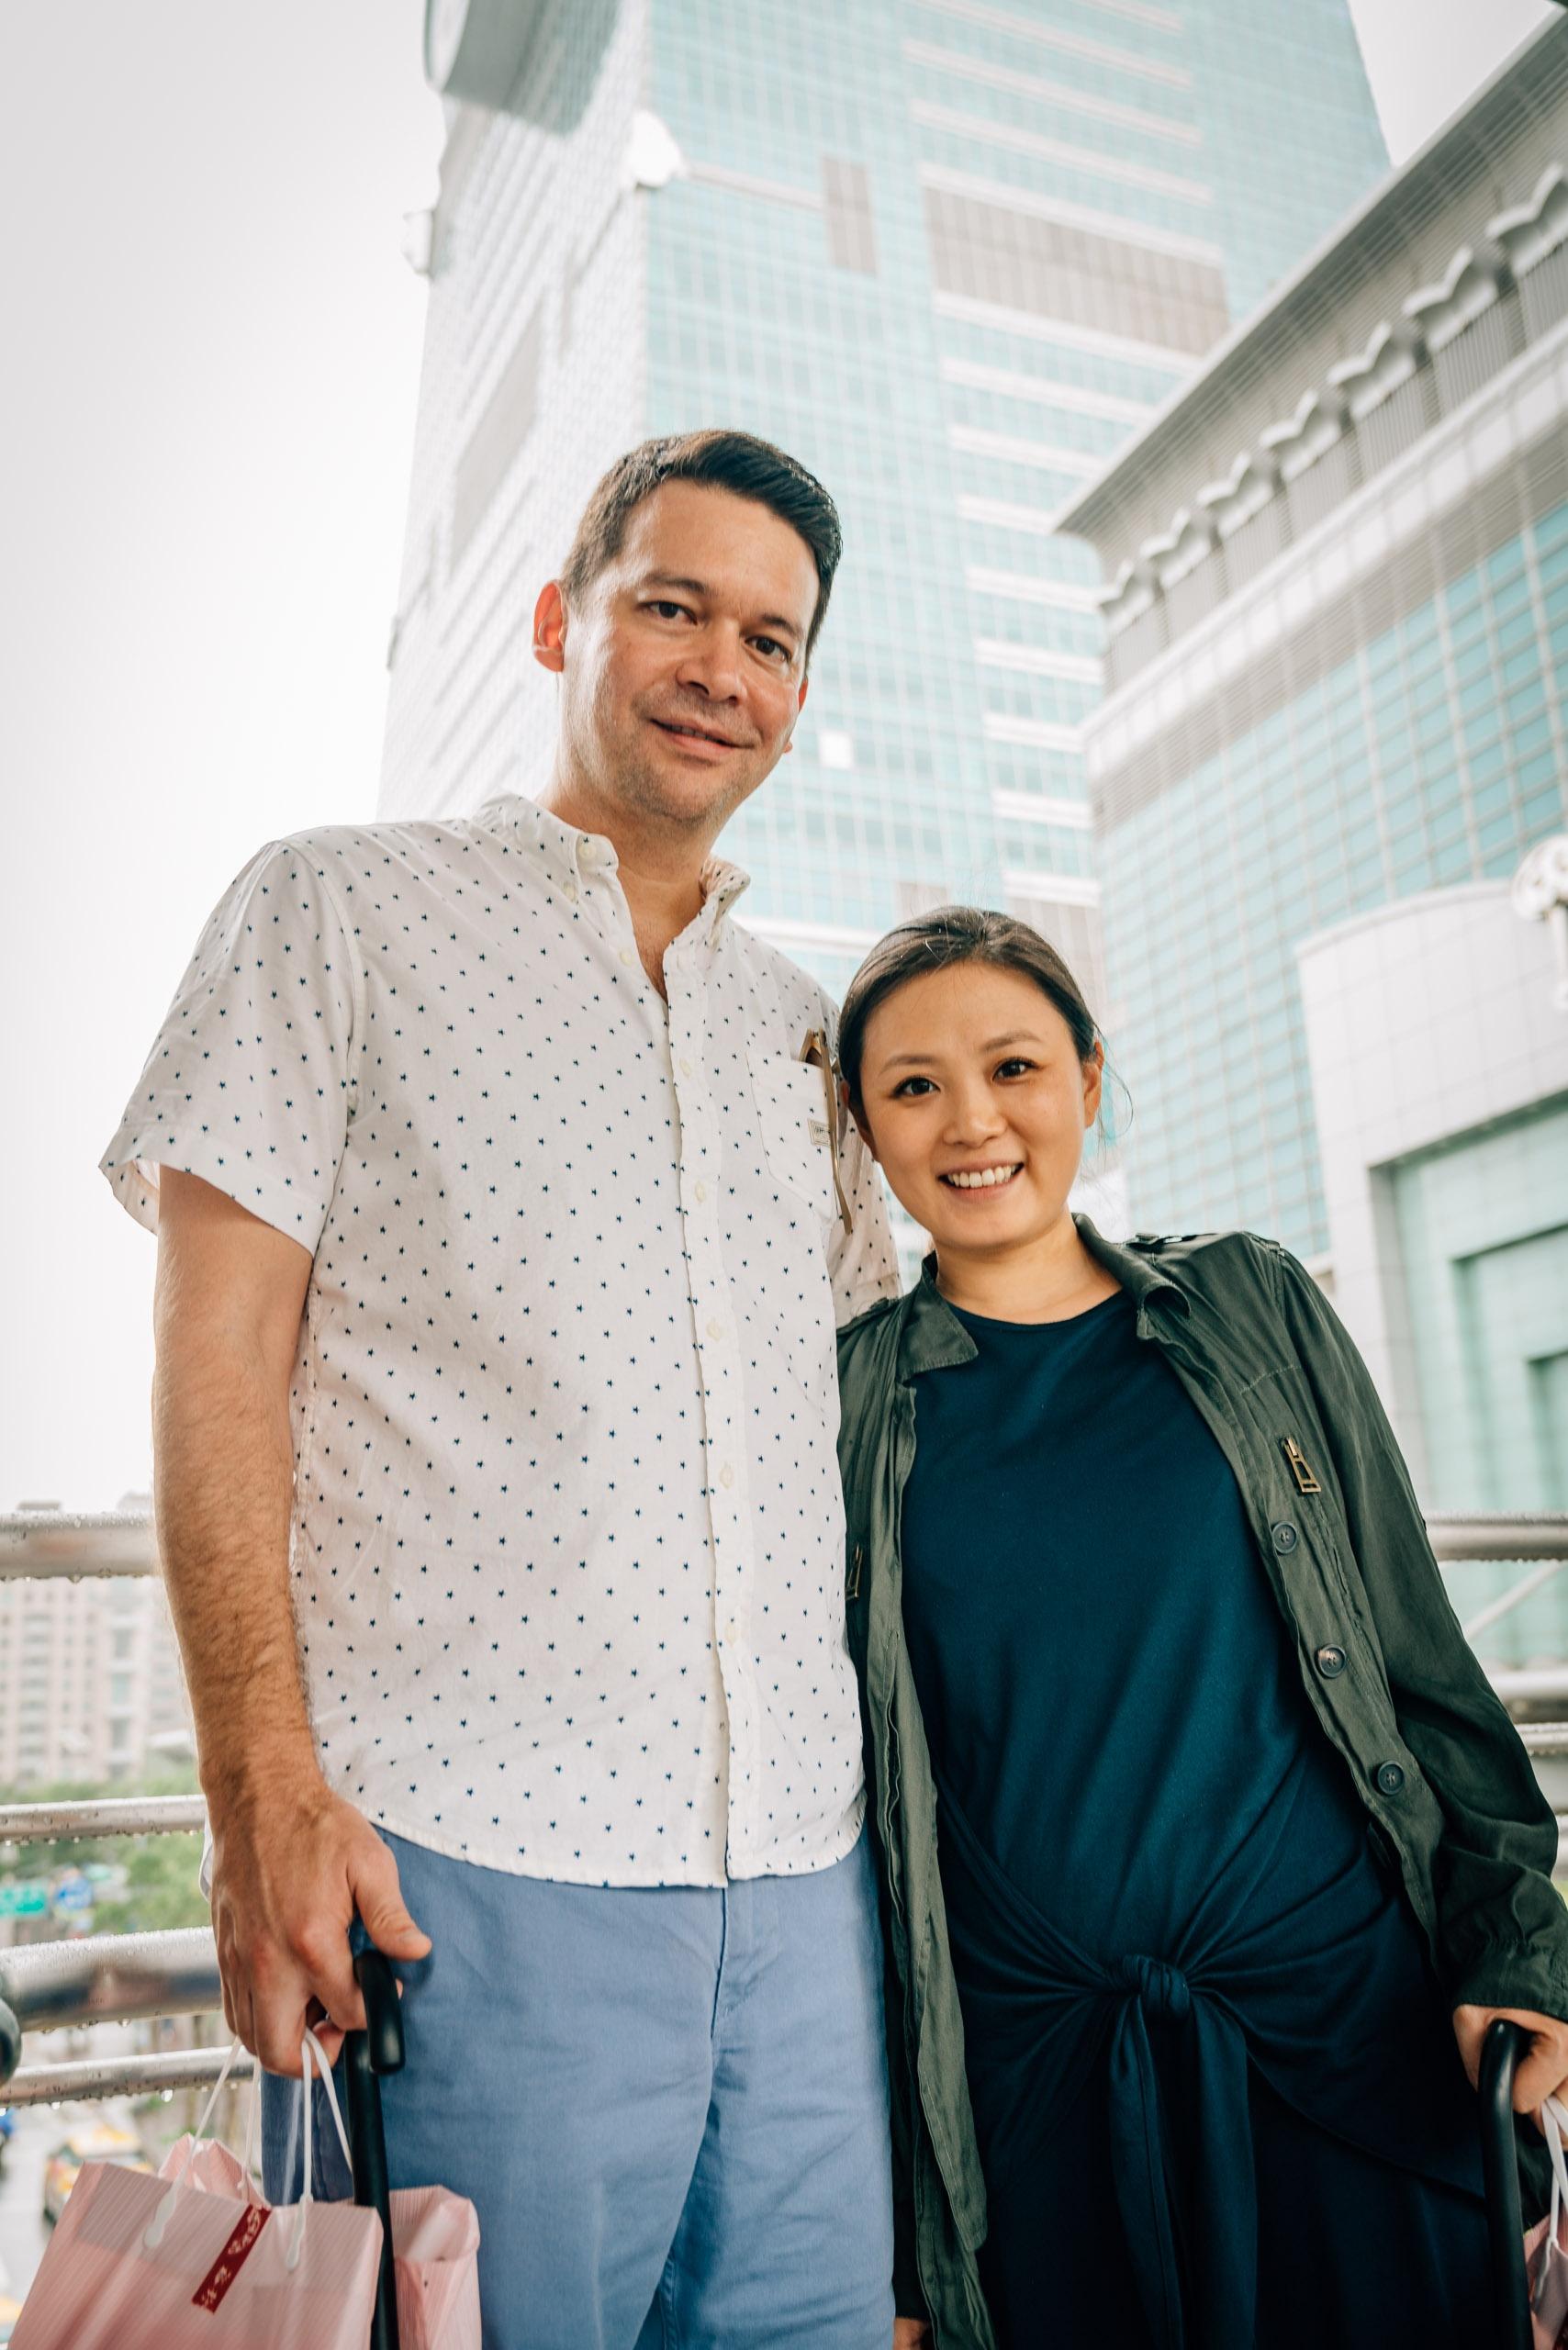 Matt and Jessica at Taipei 101